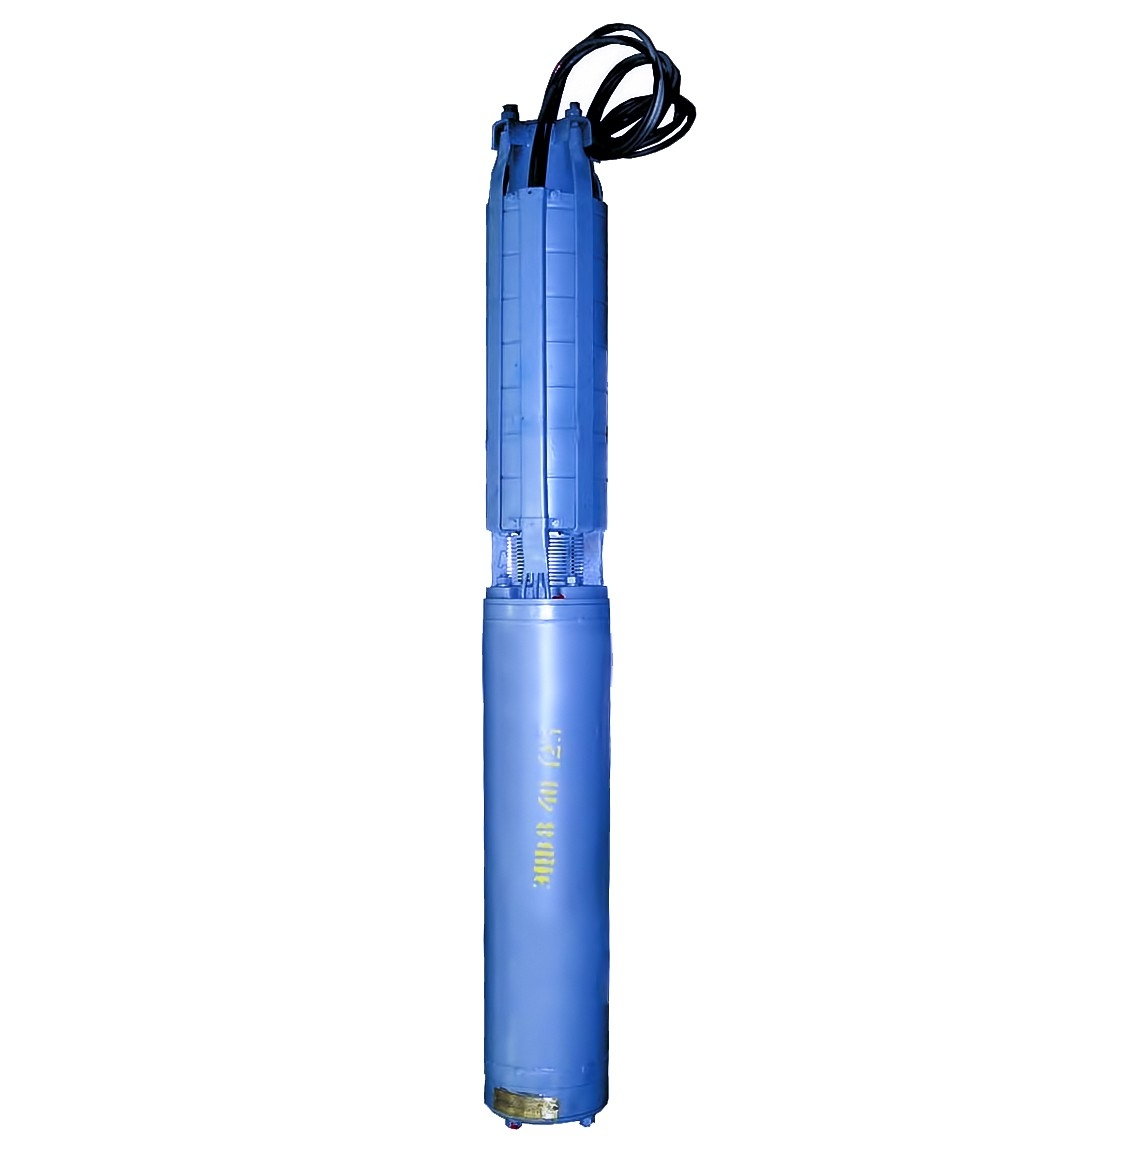 Погружной насос ЭЦВ 6-16-75 армлен